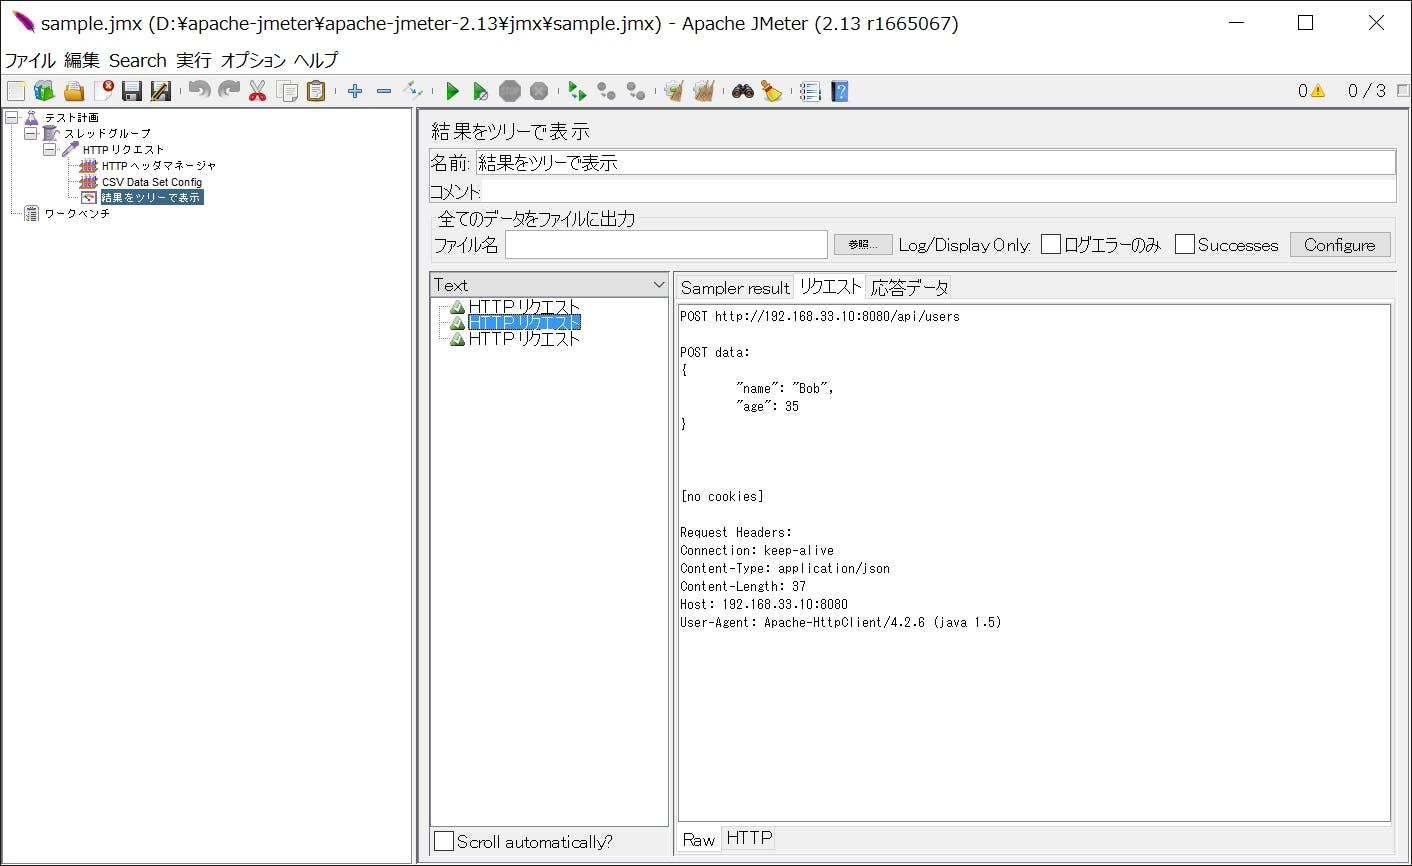 JMeterでCSVを読み込んでJSONリクエストを投げる - Qiita